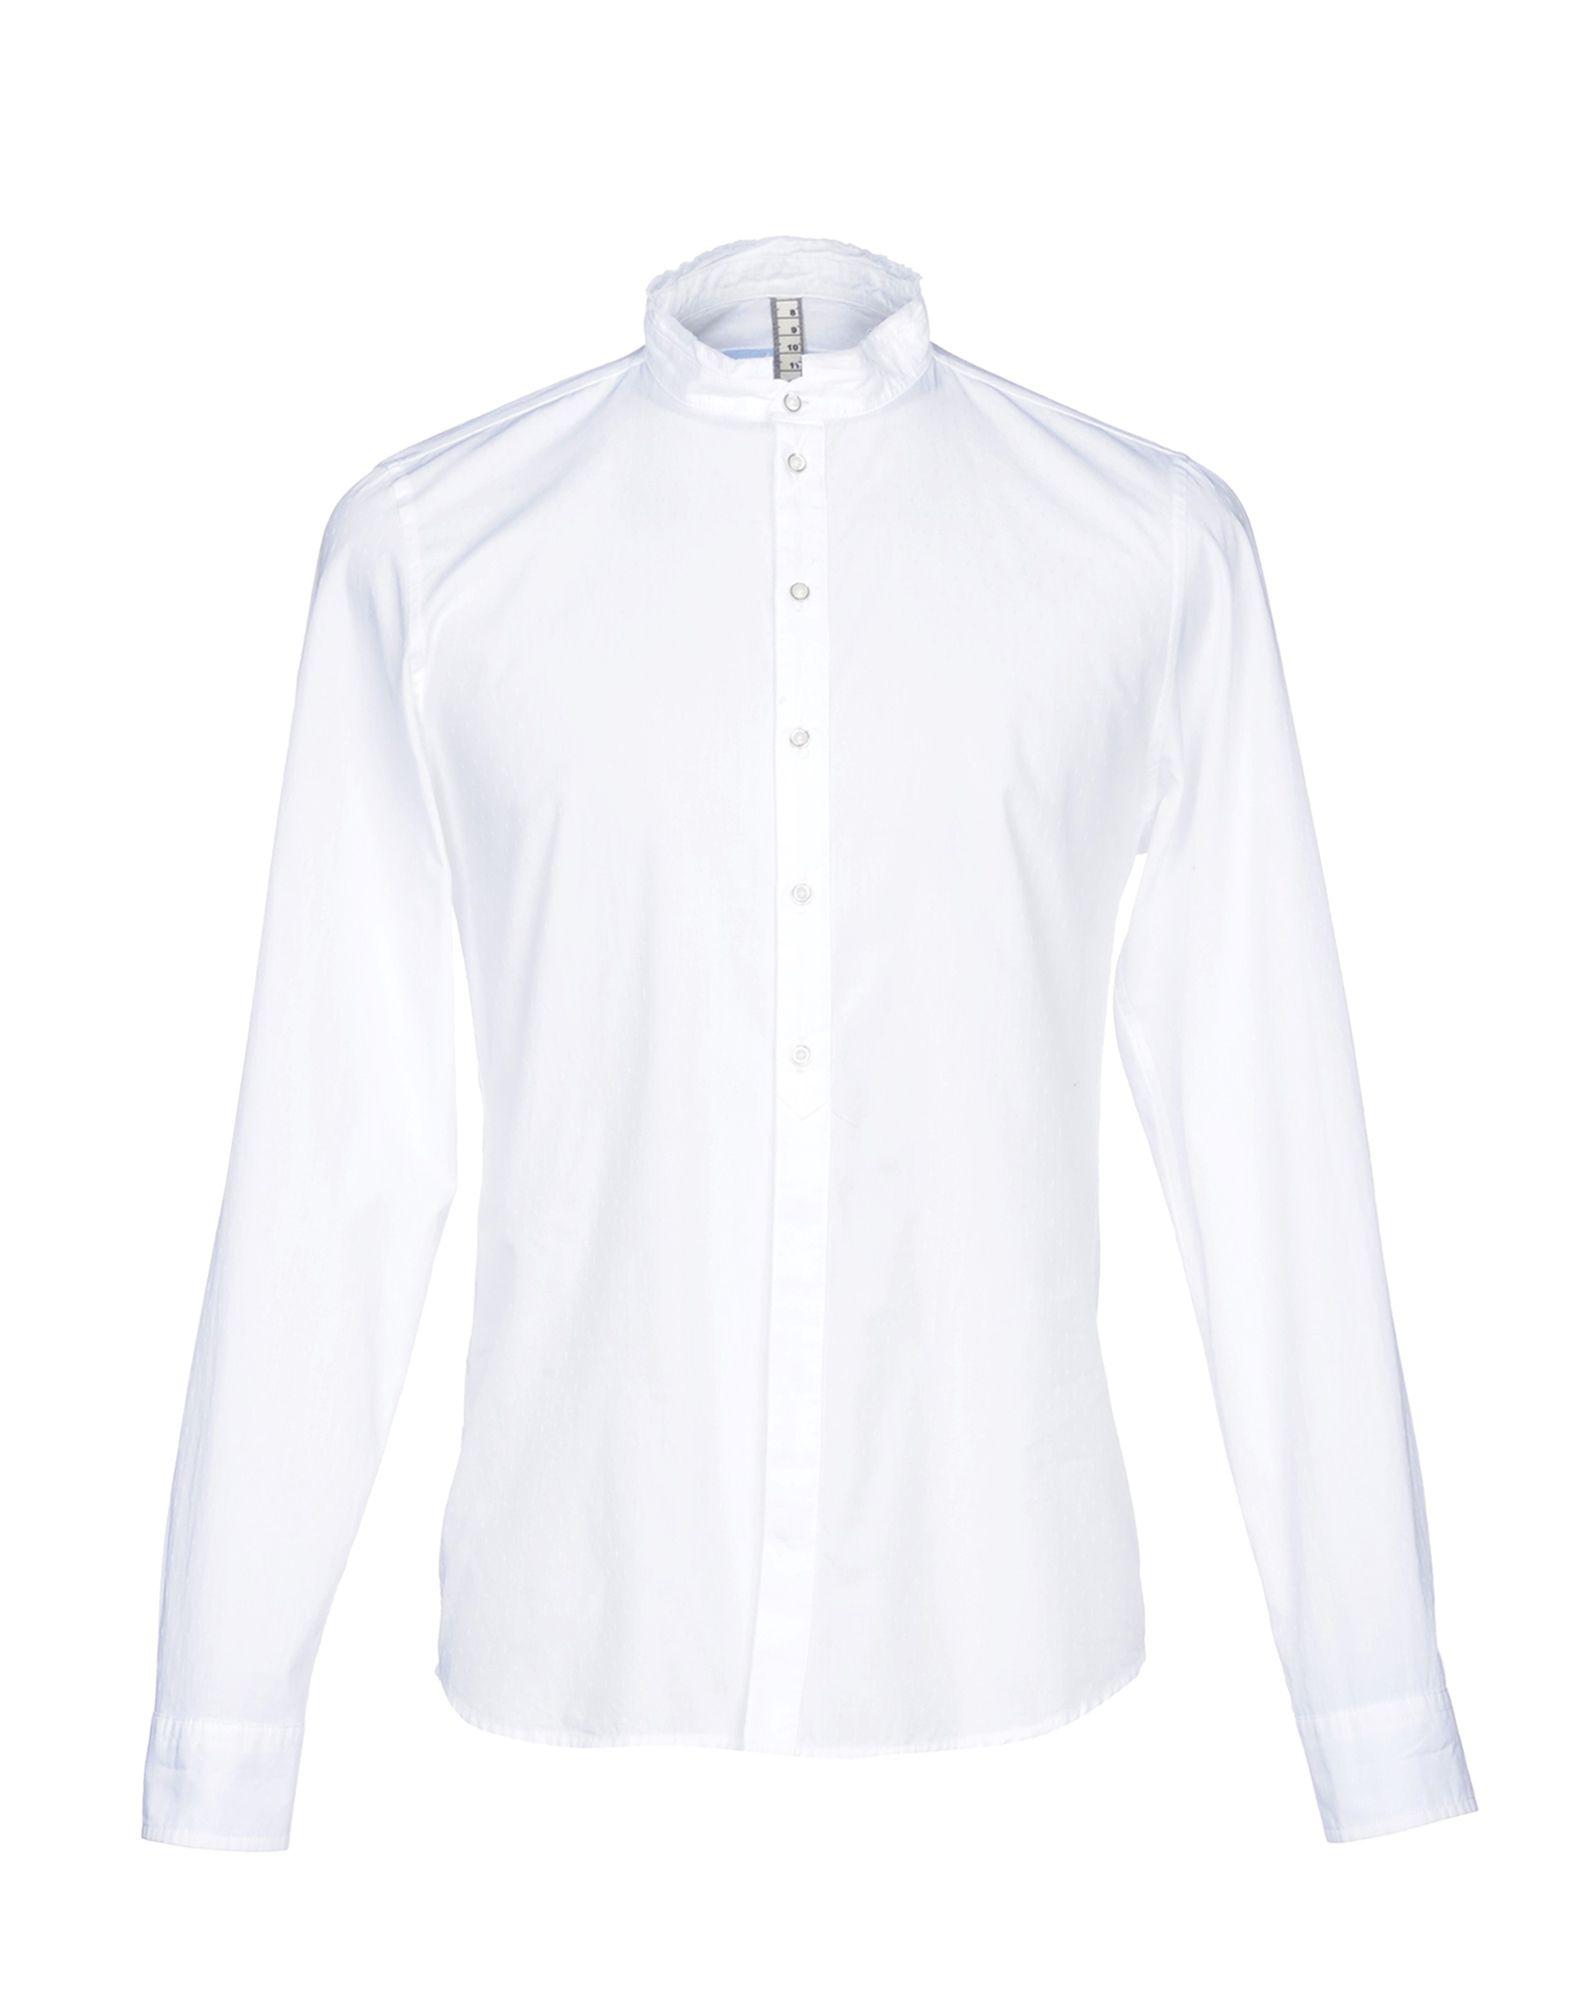 《送料無料》BERNA メンズ シャツ ベージュ XL コットン 100%